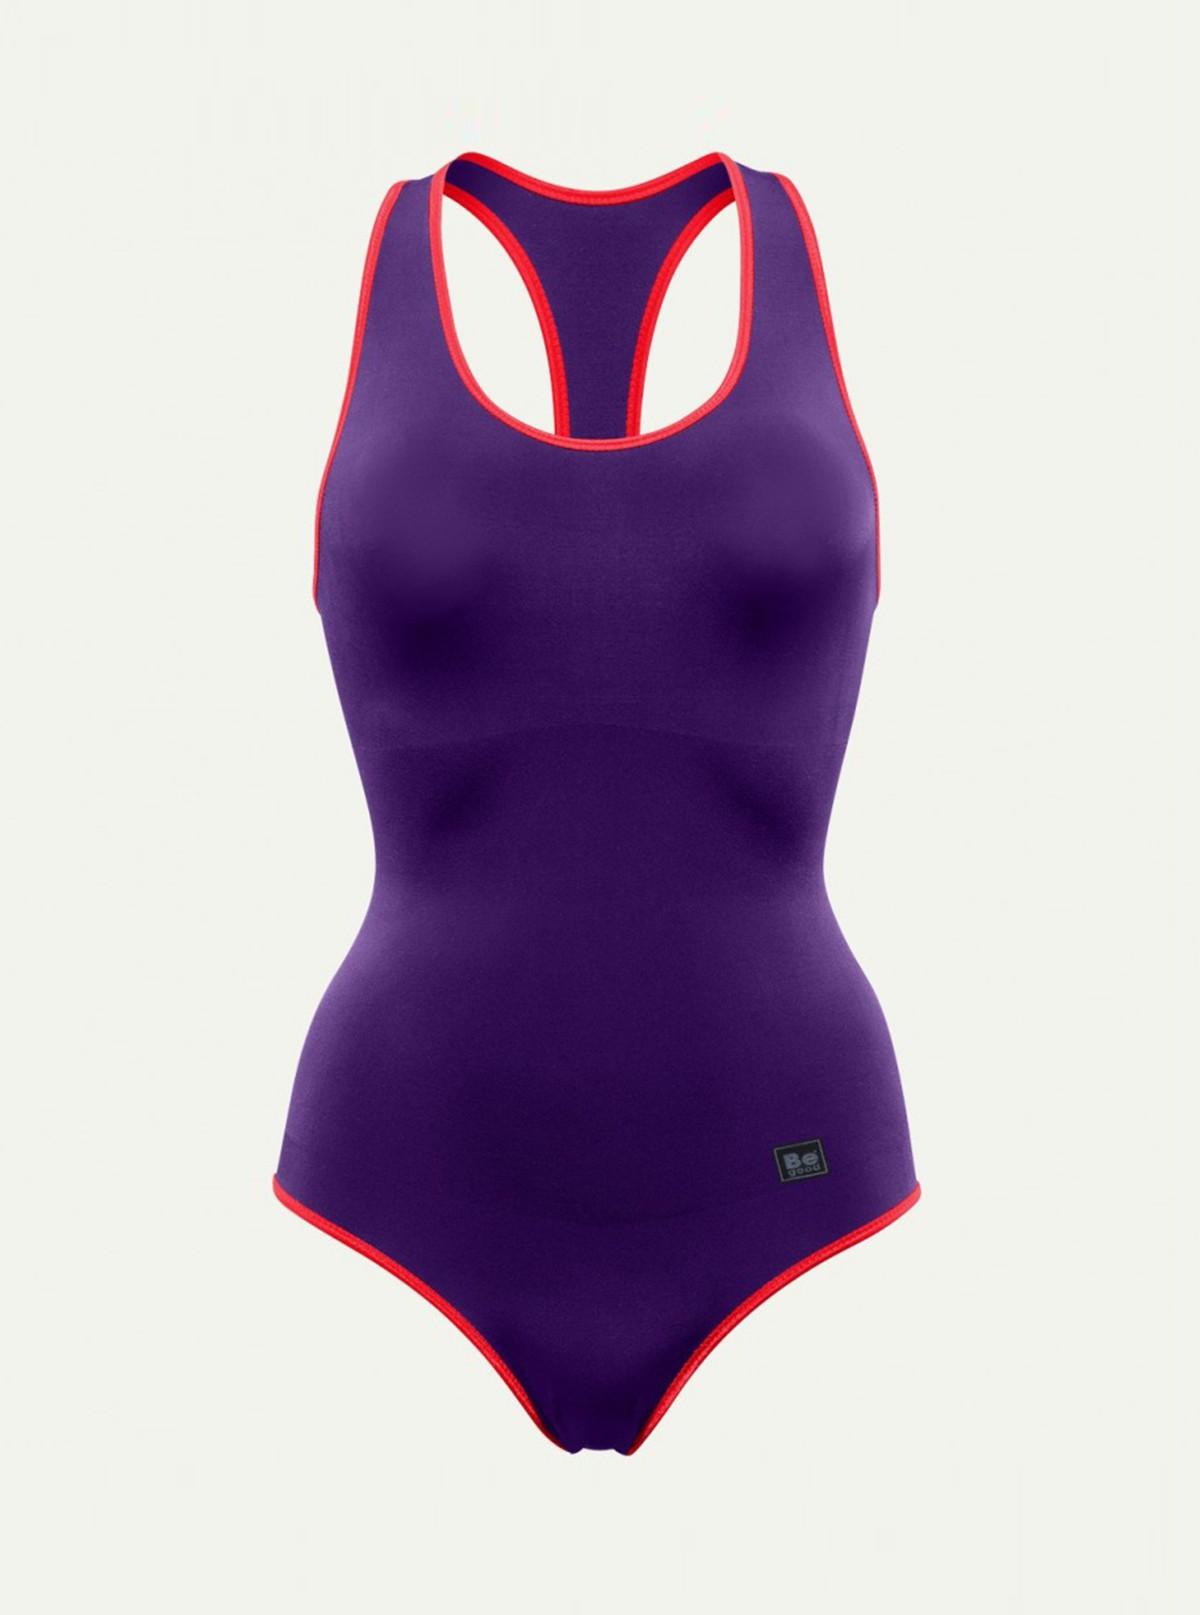 Costume Vogatore in Dermofibra® Bio-Infrared